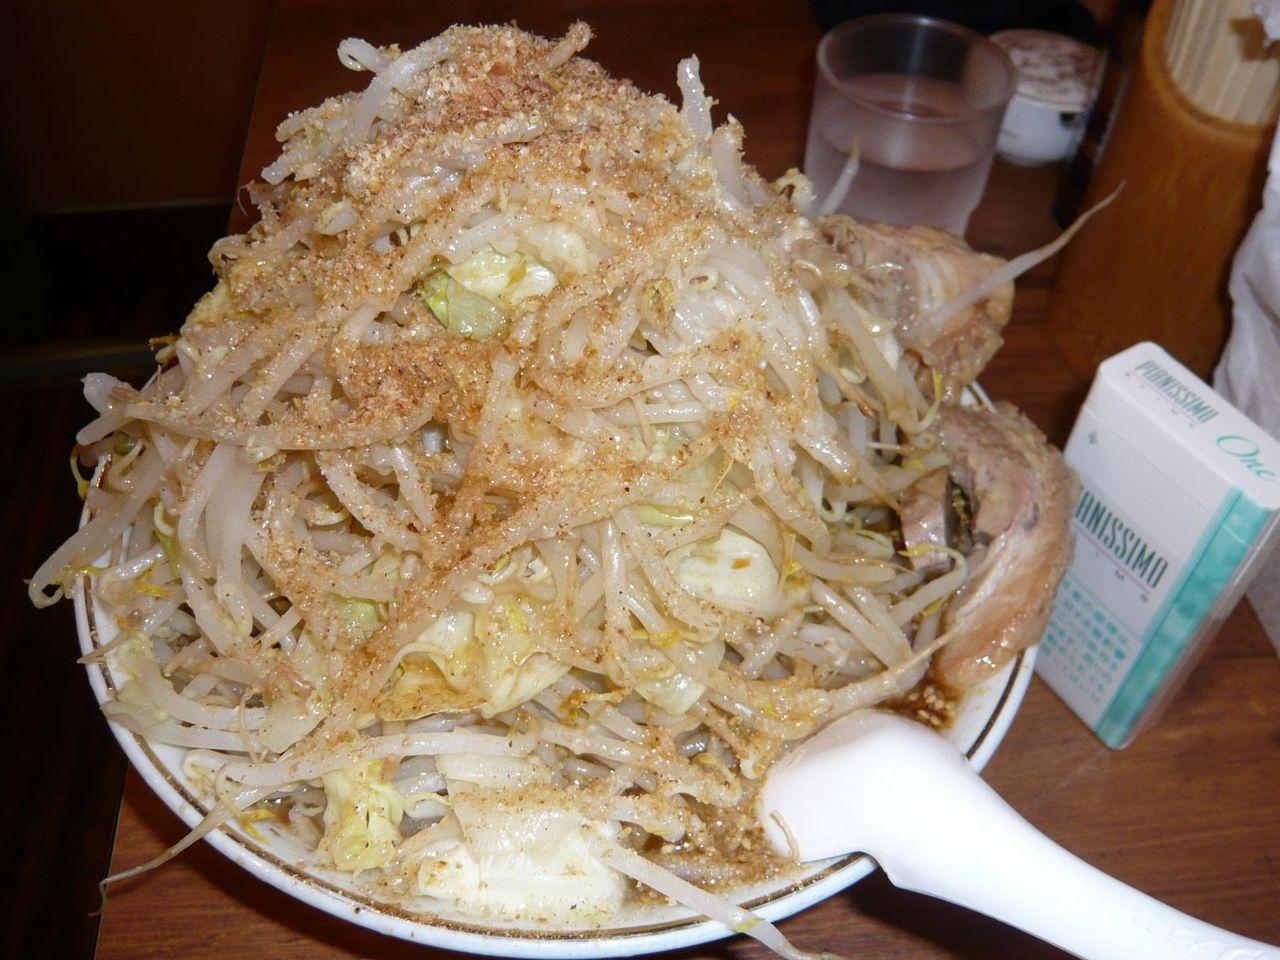 和風らーめんは、これでもかと野菜を盛りつけた上から、カツオ節を振りかけています。